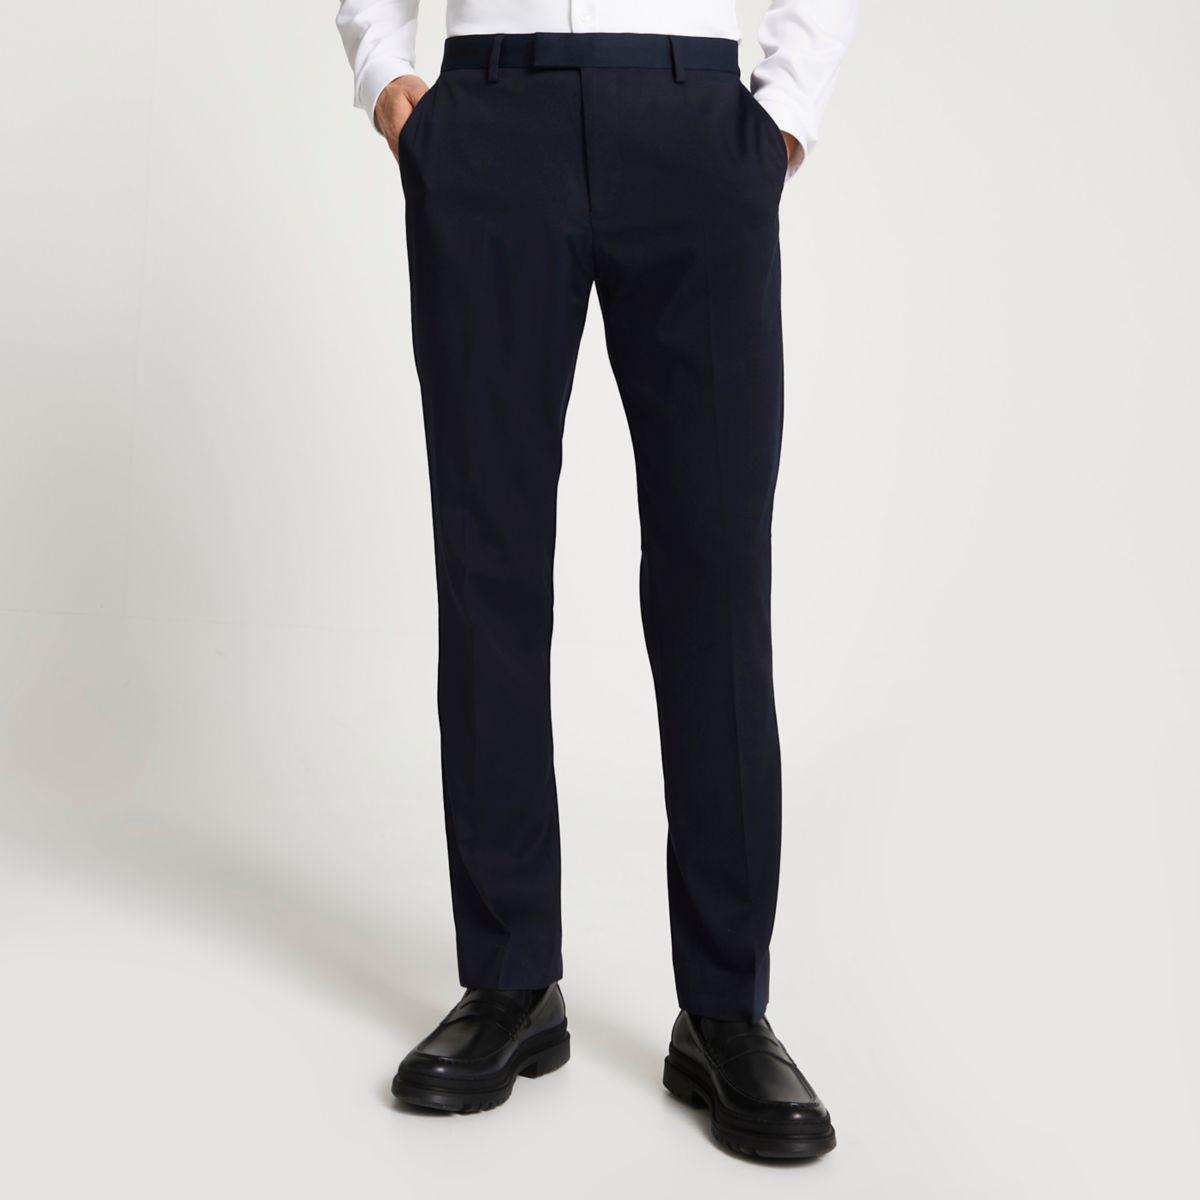 Navy slim fit suit pants